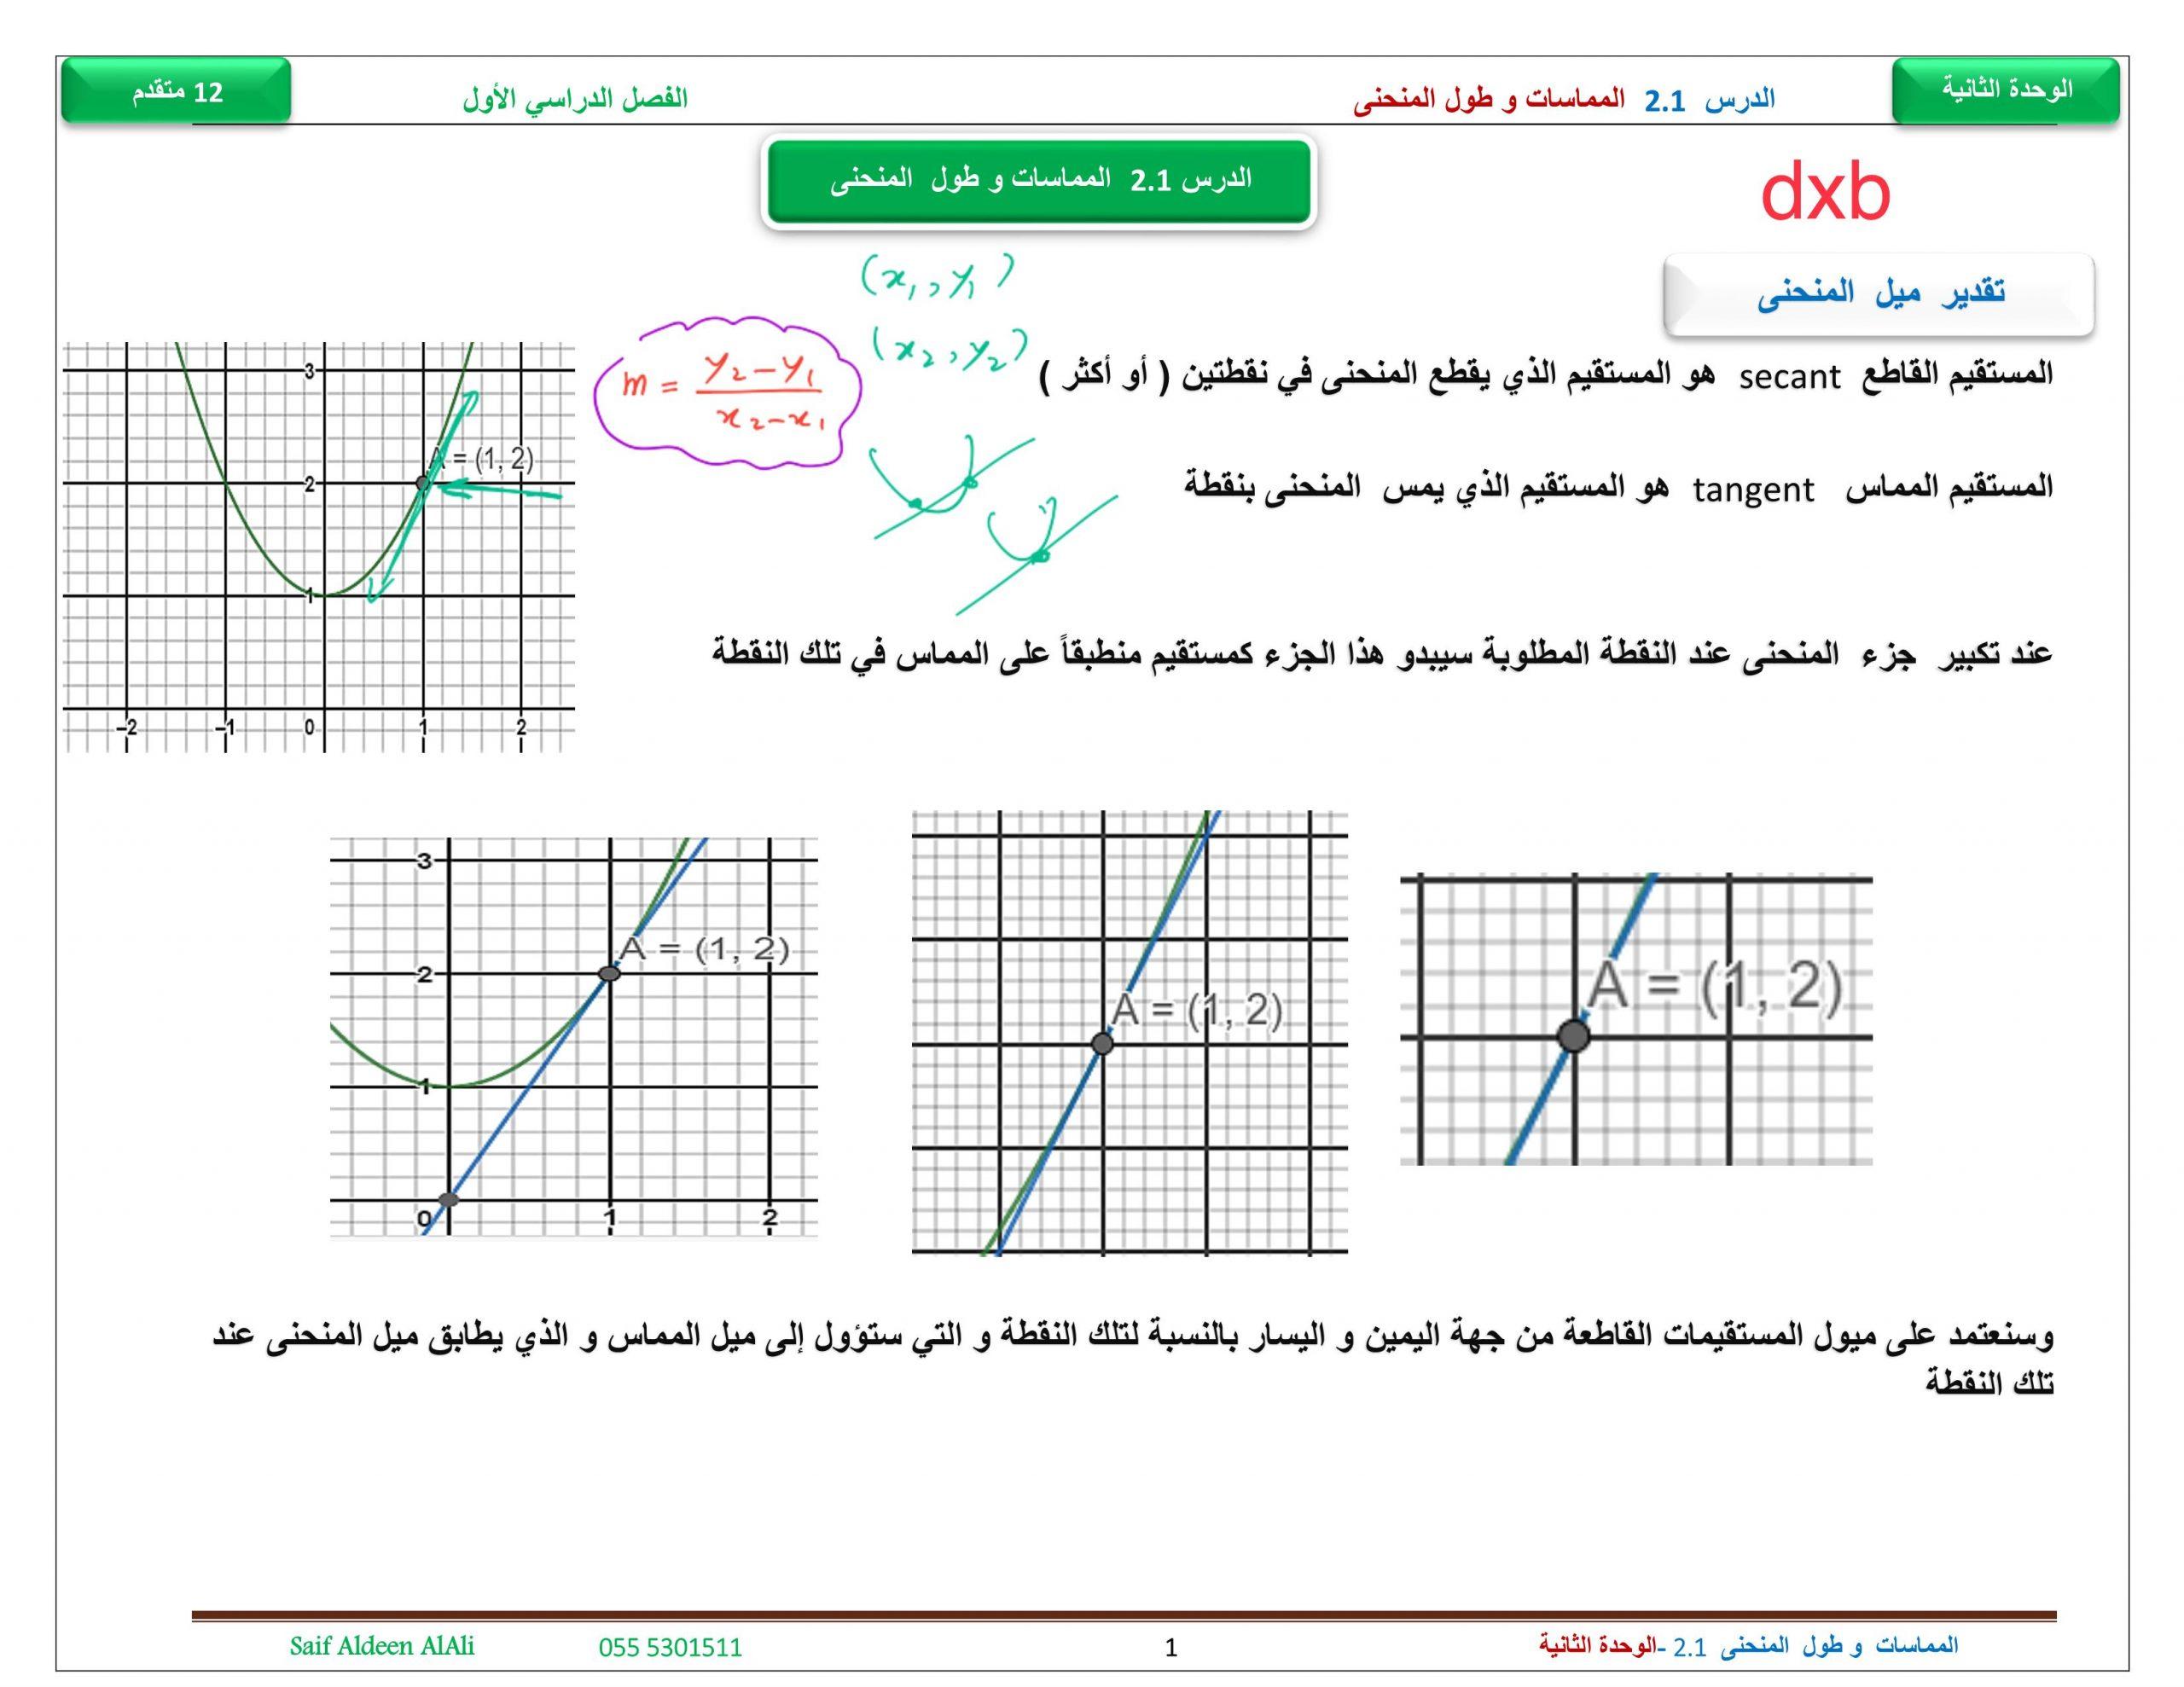 حل اوراق عمل الوحدة الثانية الصف الثاني عشر متقدم مادة الرياضيات المتكاملة